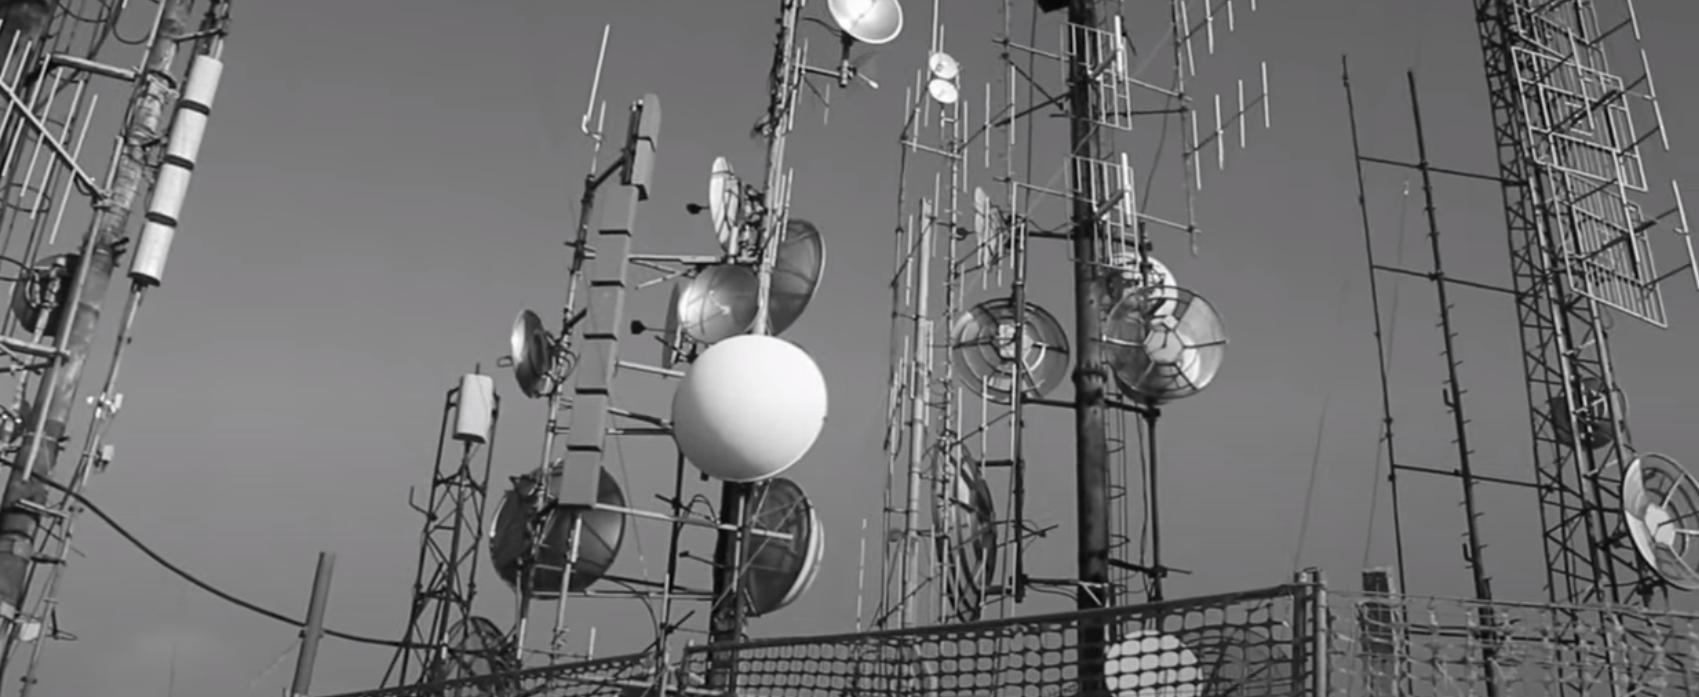 """monte cero 1 1 - Towering. """"Cero, un volt.../metro"""". La videostoria del complesso risanamento dei sistemi trasmittenti radio e tv sul Monte Cero (Pd)"""